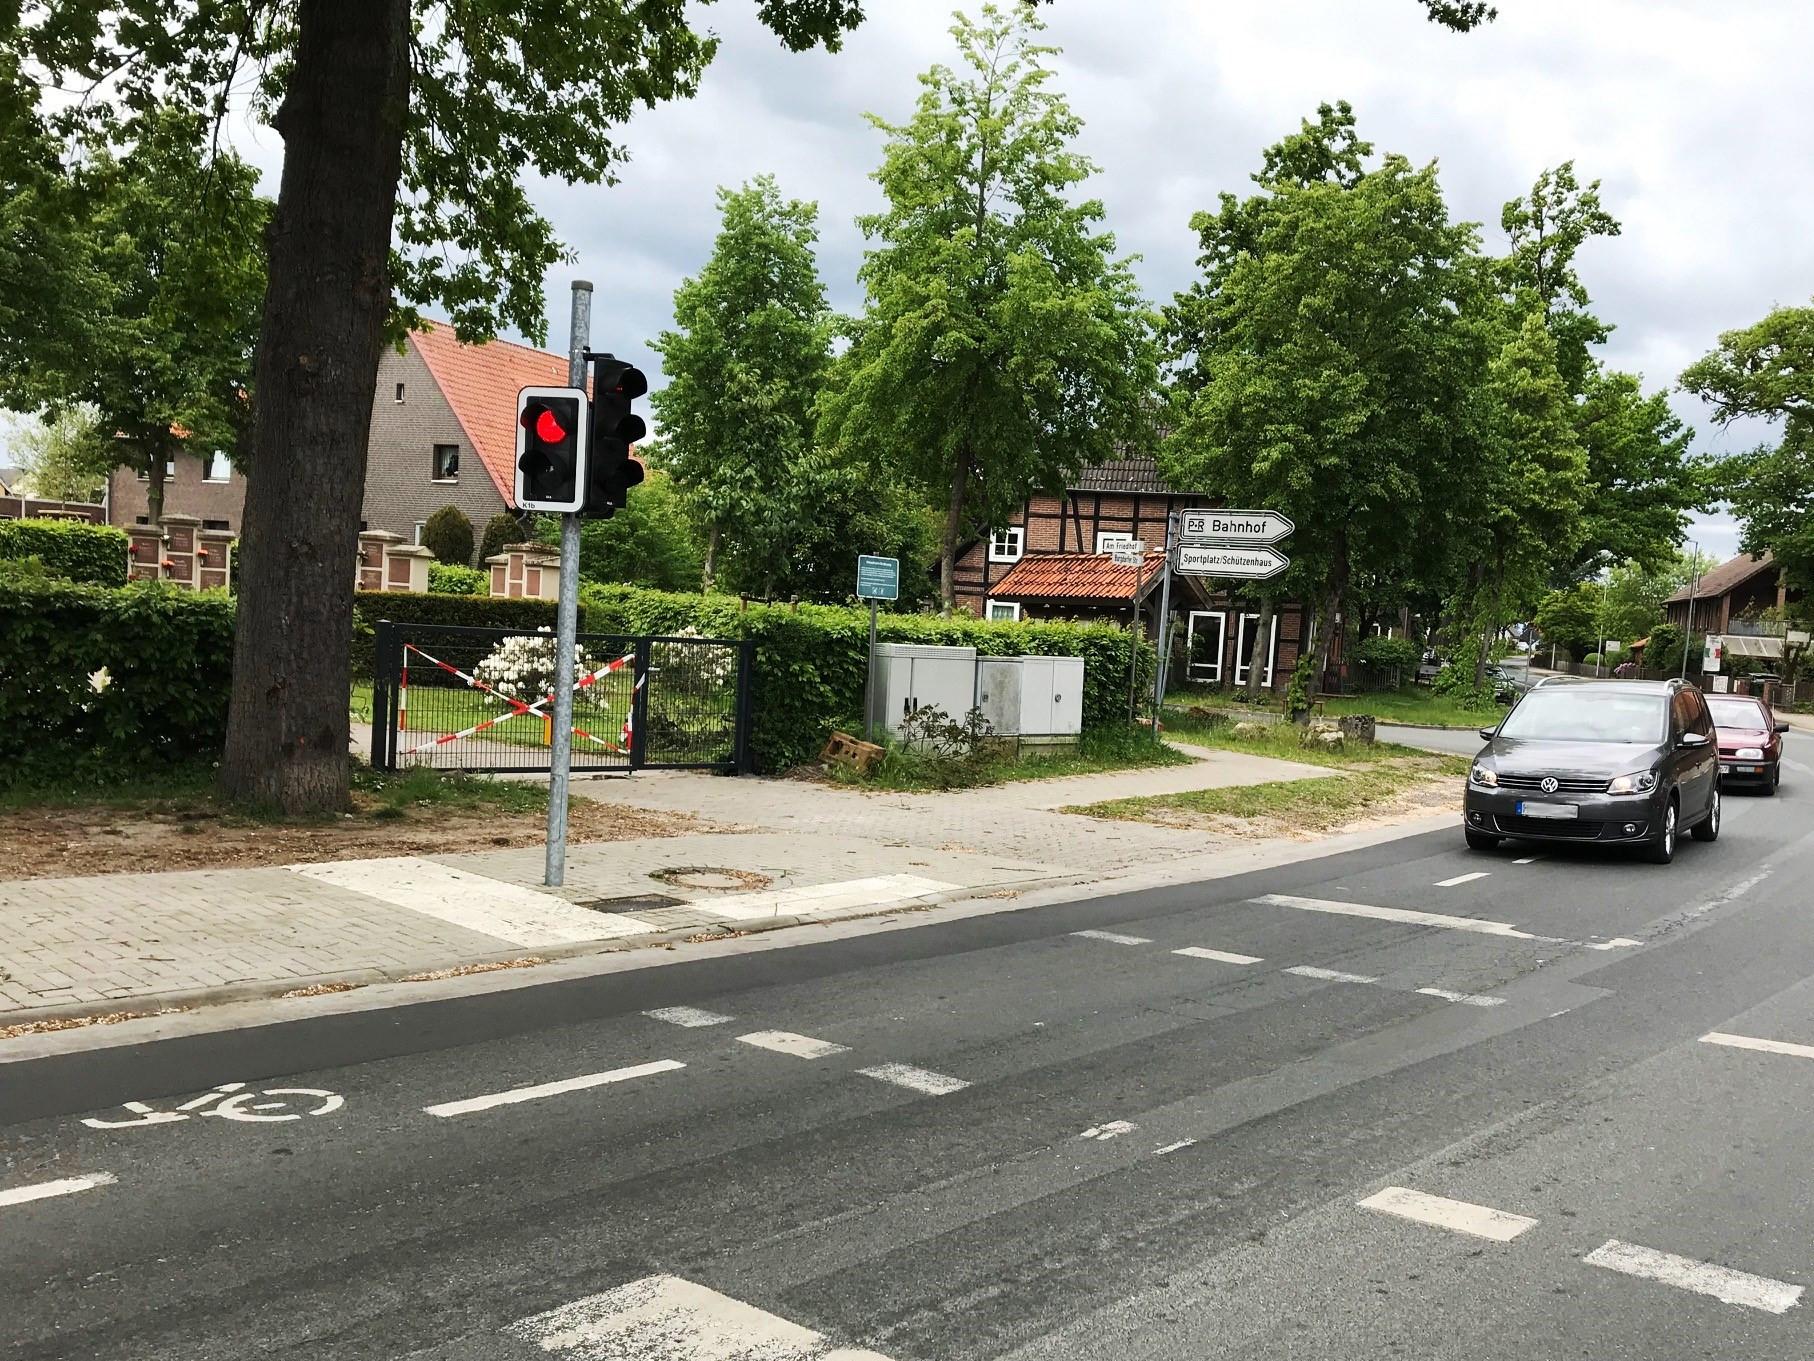 Eine Fußgängerampel zeigt rot, zwei Autos warten davor.